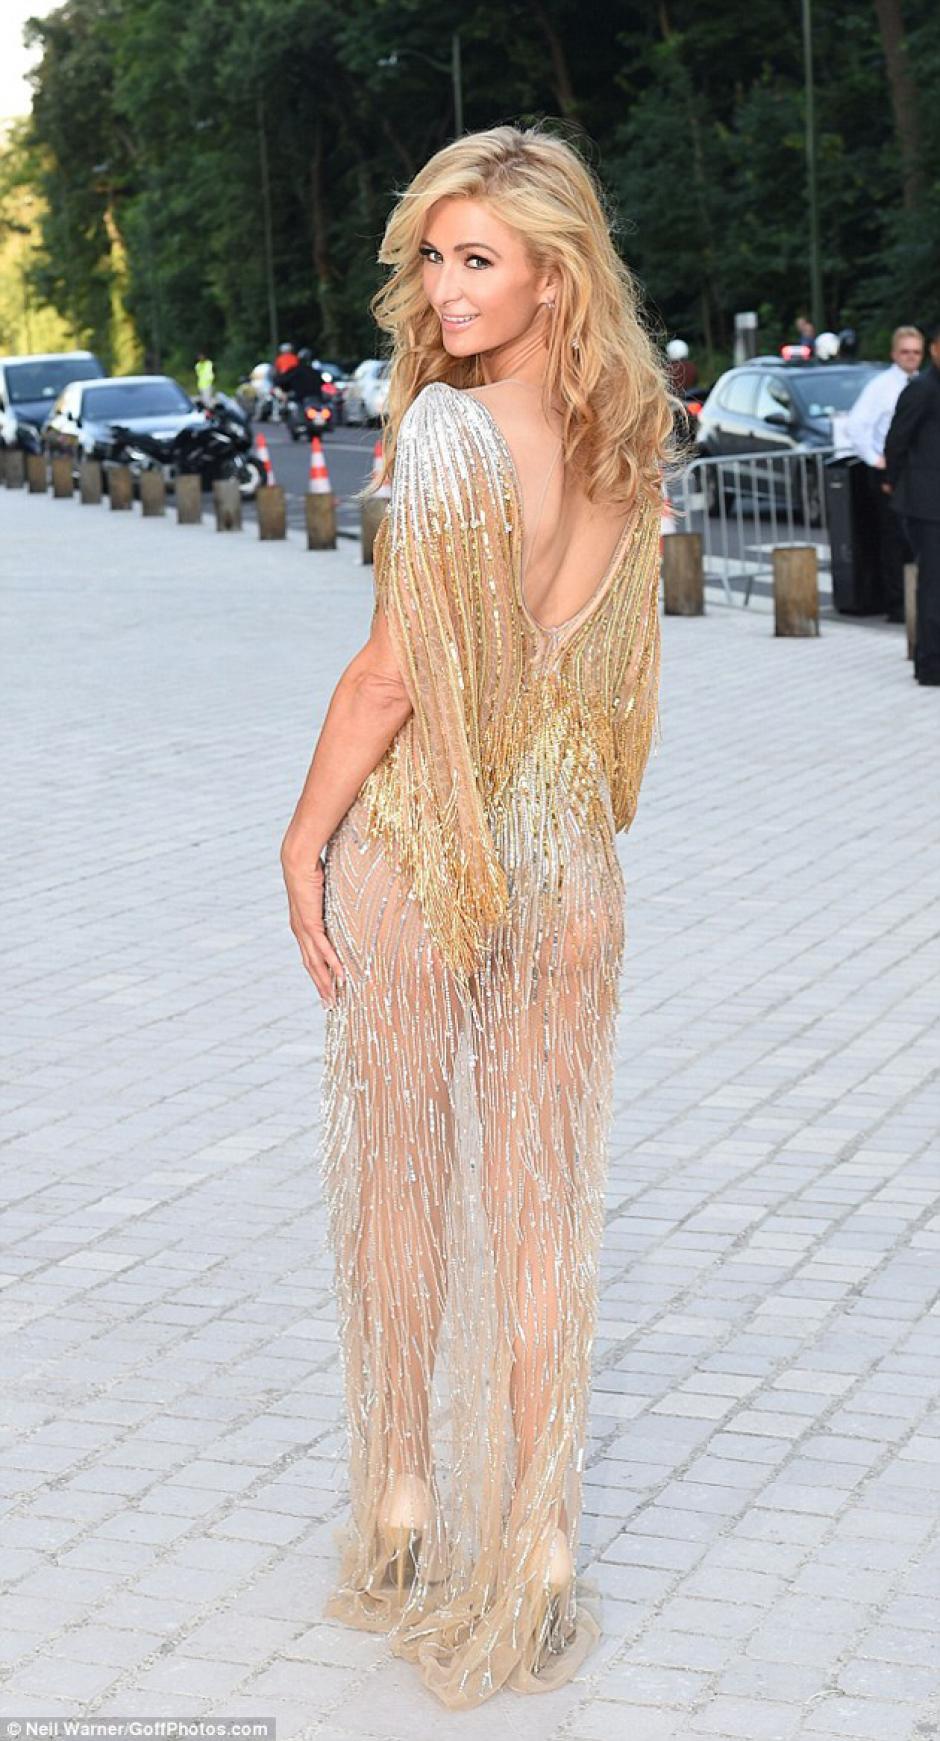 El vestido de Paris llamó la atención de los asistentes al evento. (Foto: MailOnline)